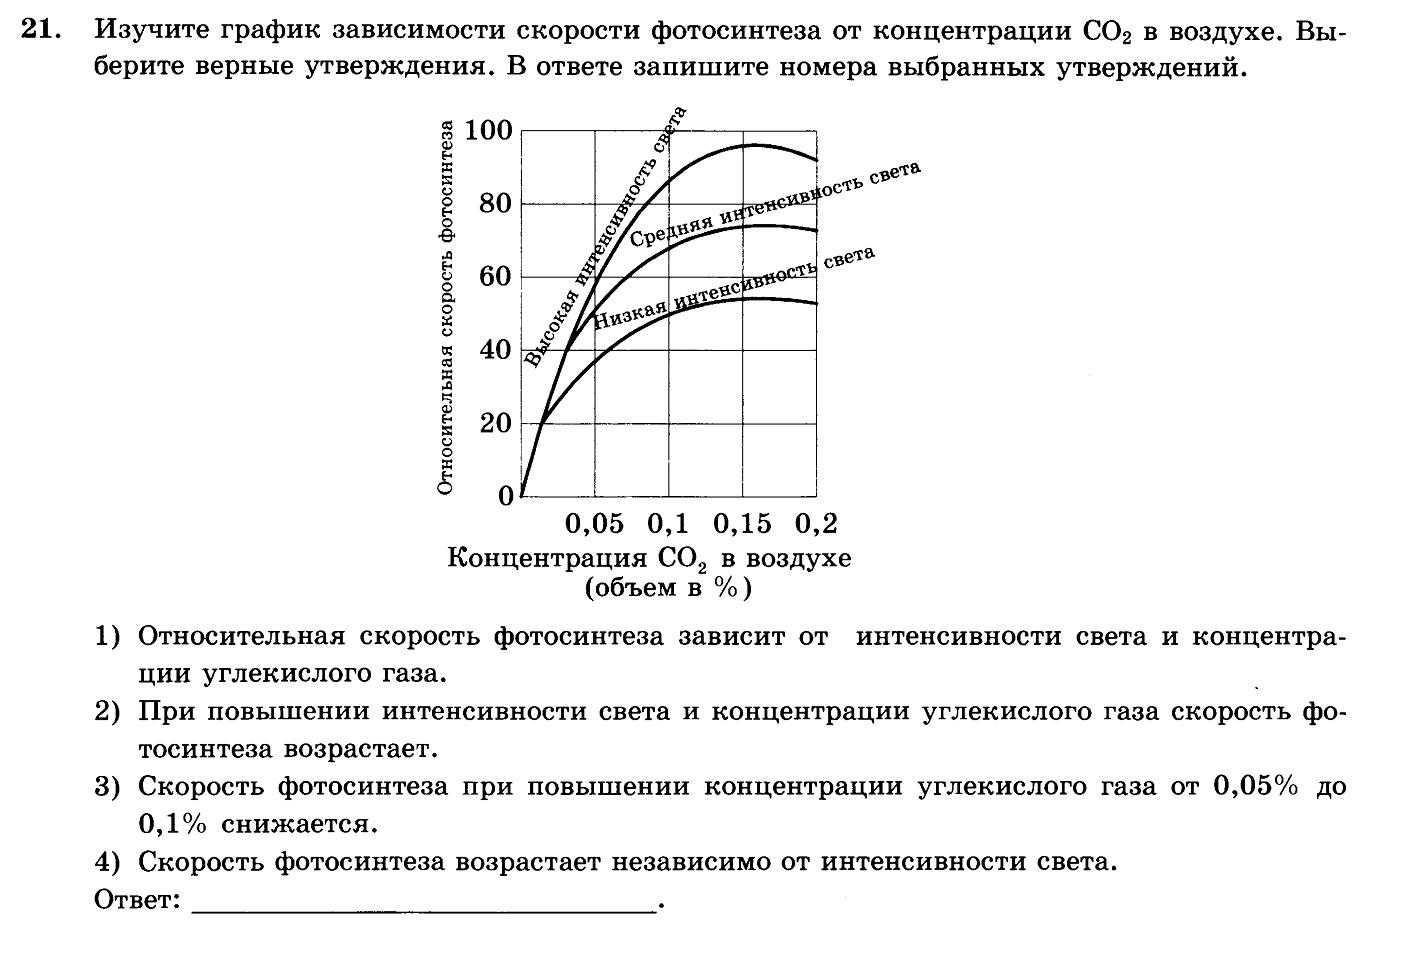 Метаболи́зм полный процесс превращения химических веществ в организме, обеспечивающих его рост, развитие, деятельность и жизнь в целом. словарь. - презентация